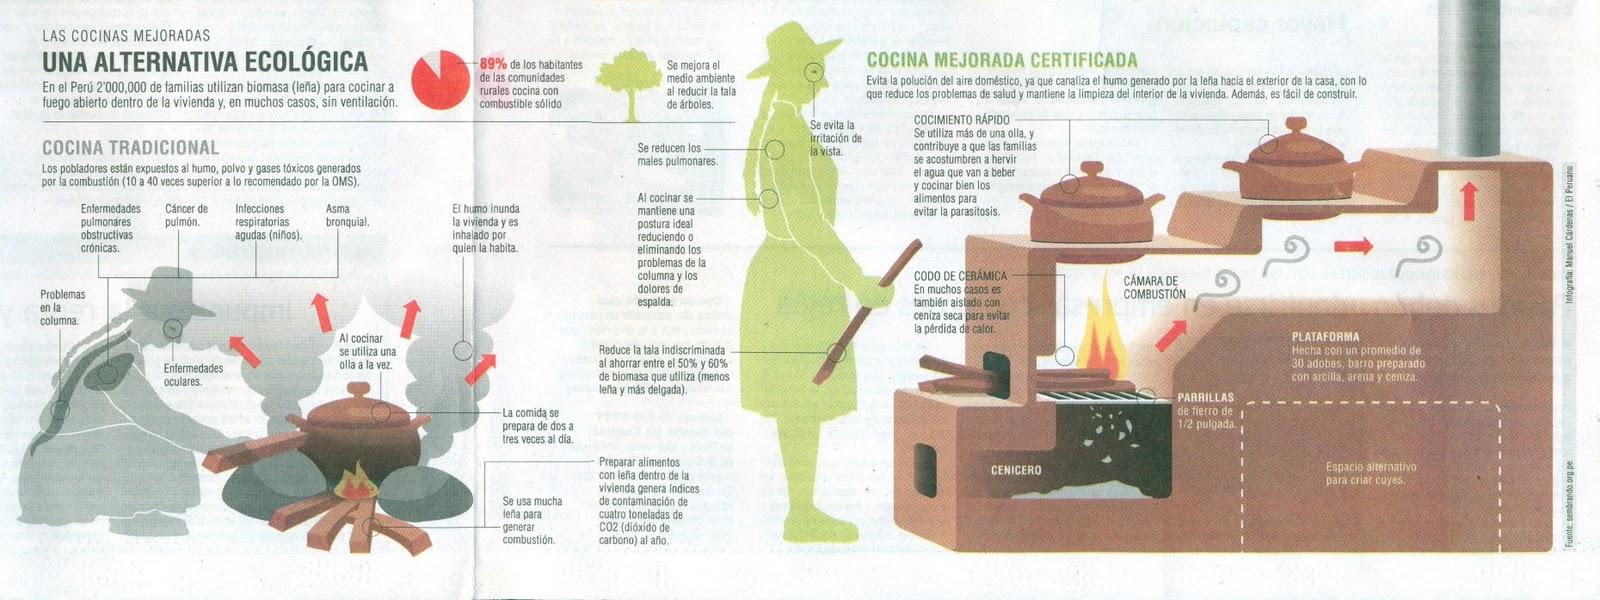 Infograf a de cocina ecol gica cocinachic for Cocina ecologica de lena